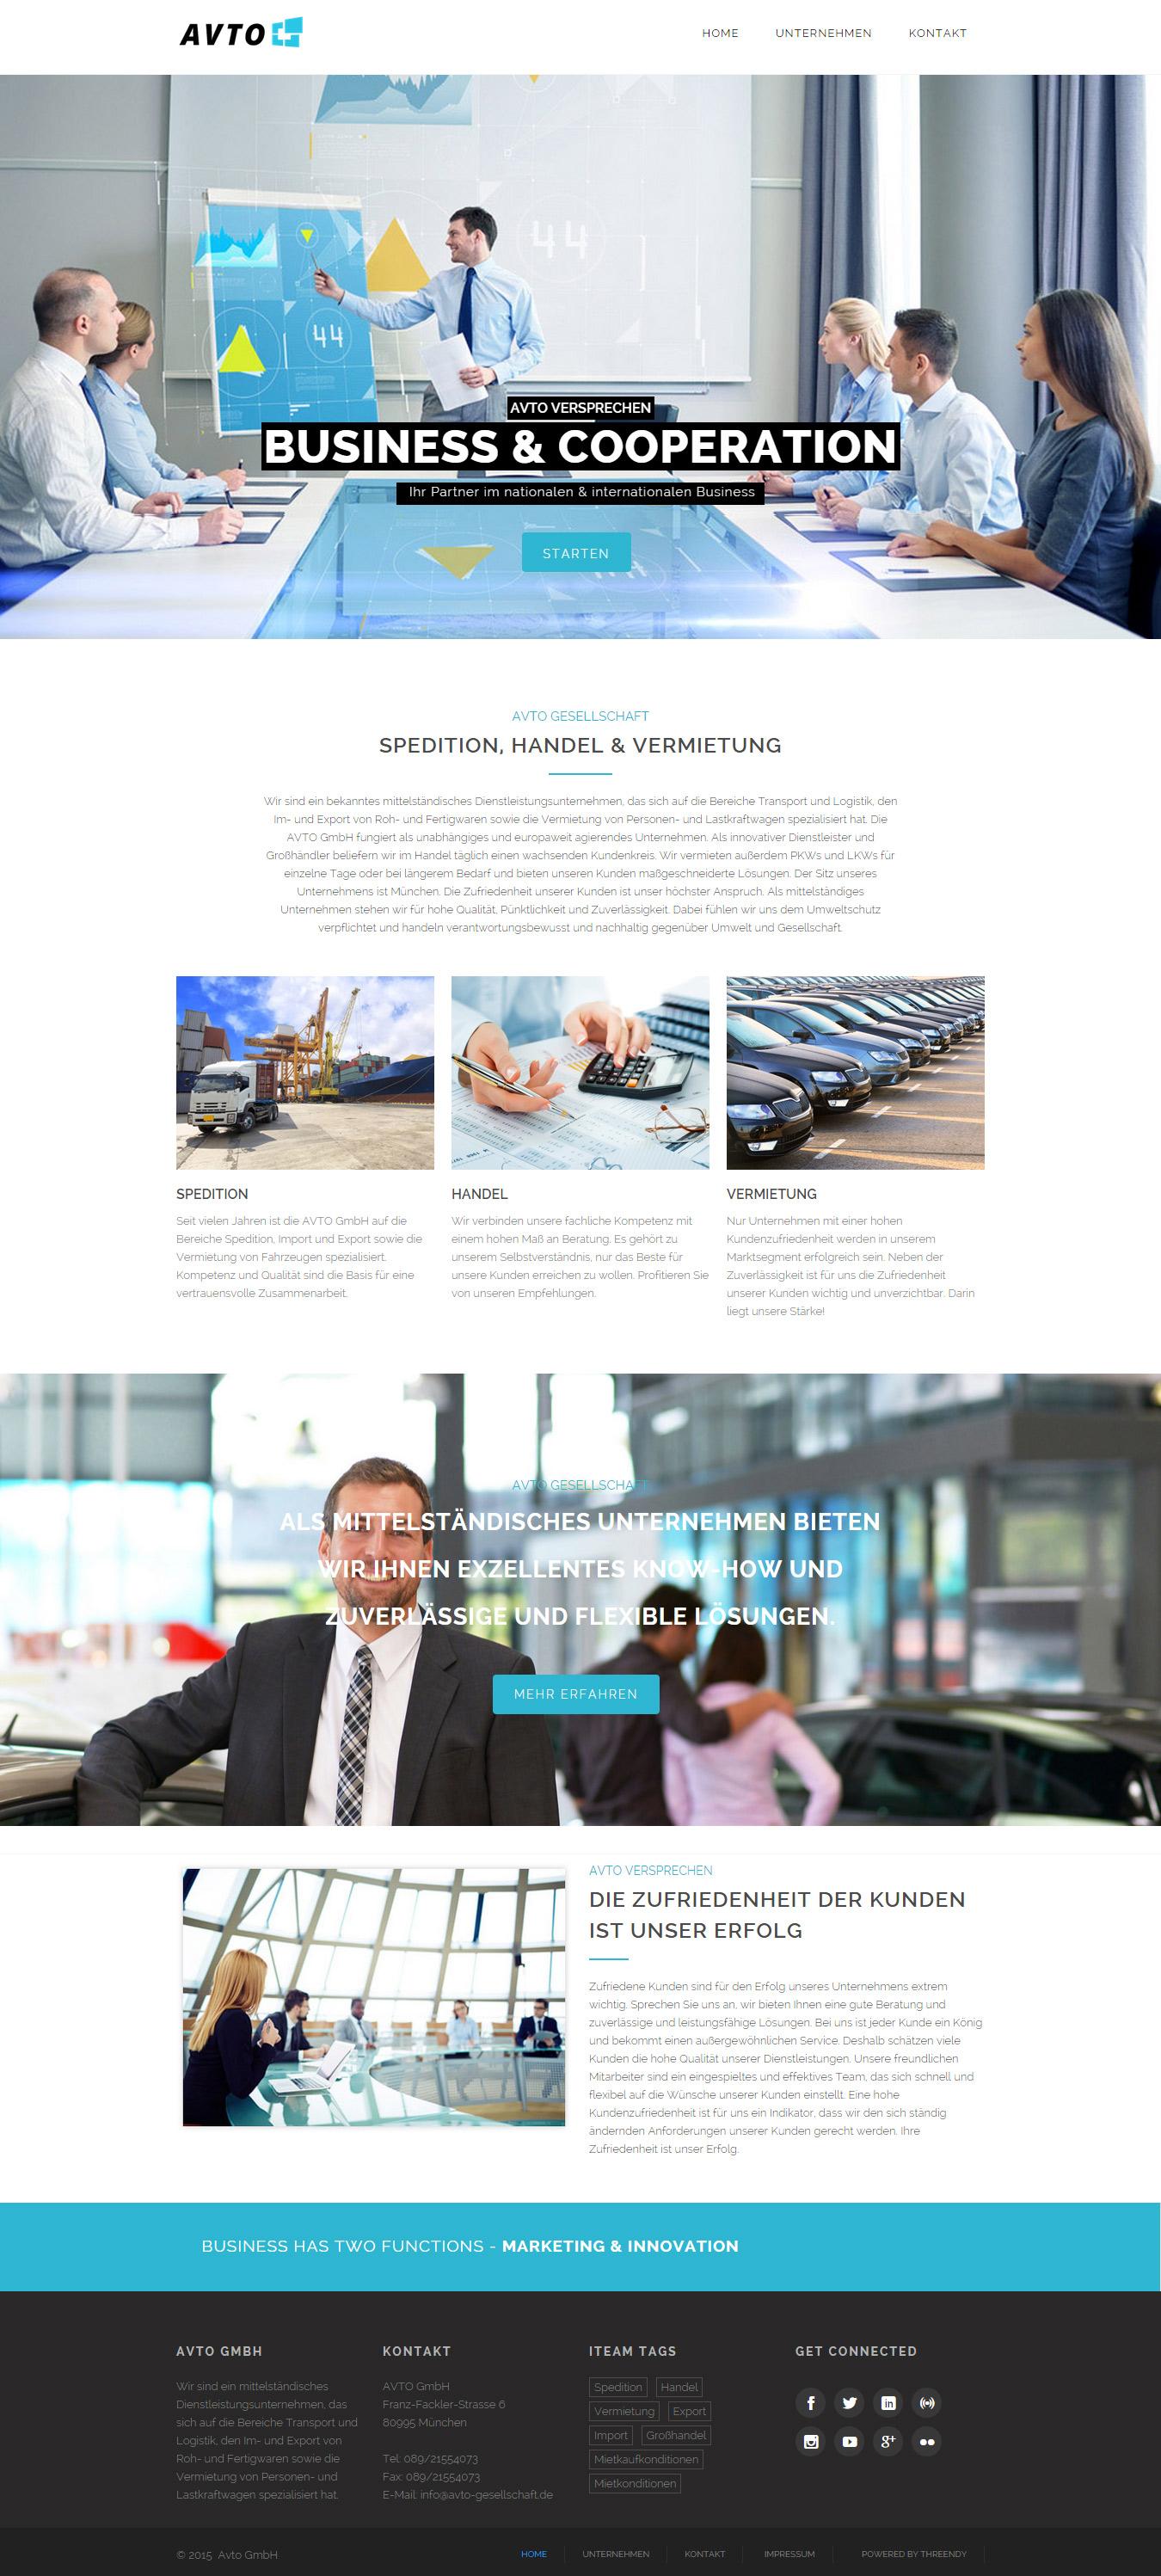 Avto GmbH